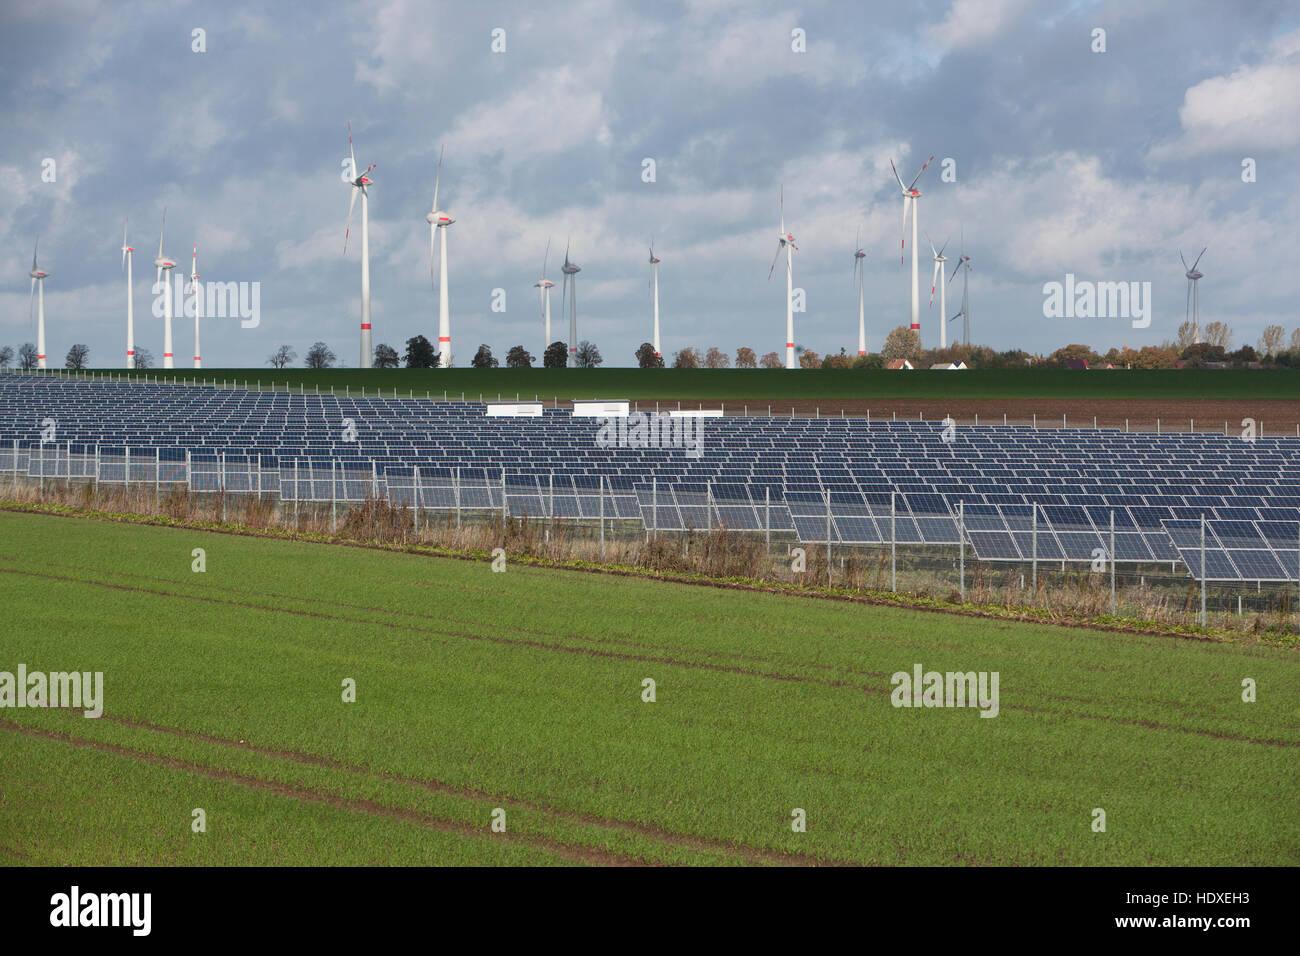 La energía renovable en la autopista a20, Mecklemburgo y Pomerania occidental, Alemania Imagen De Stock